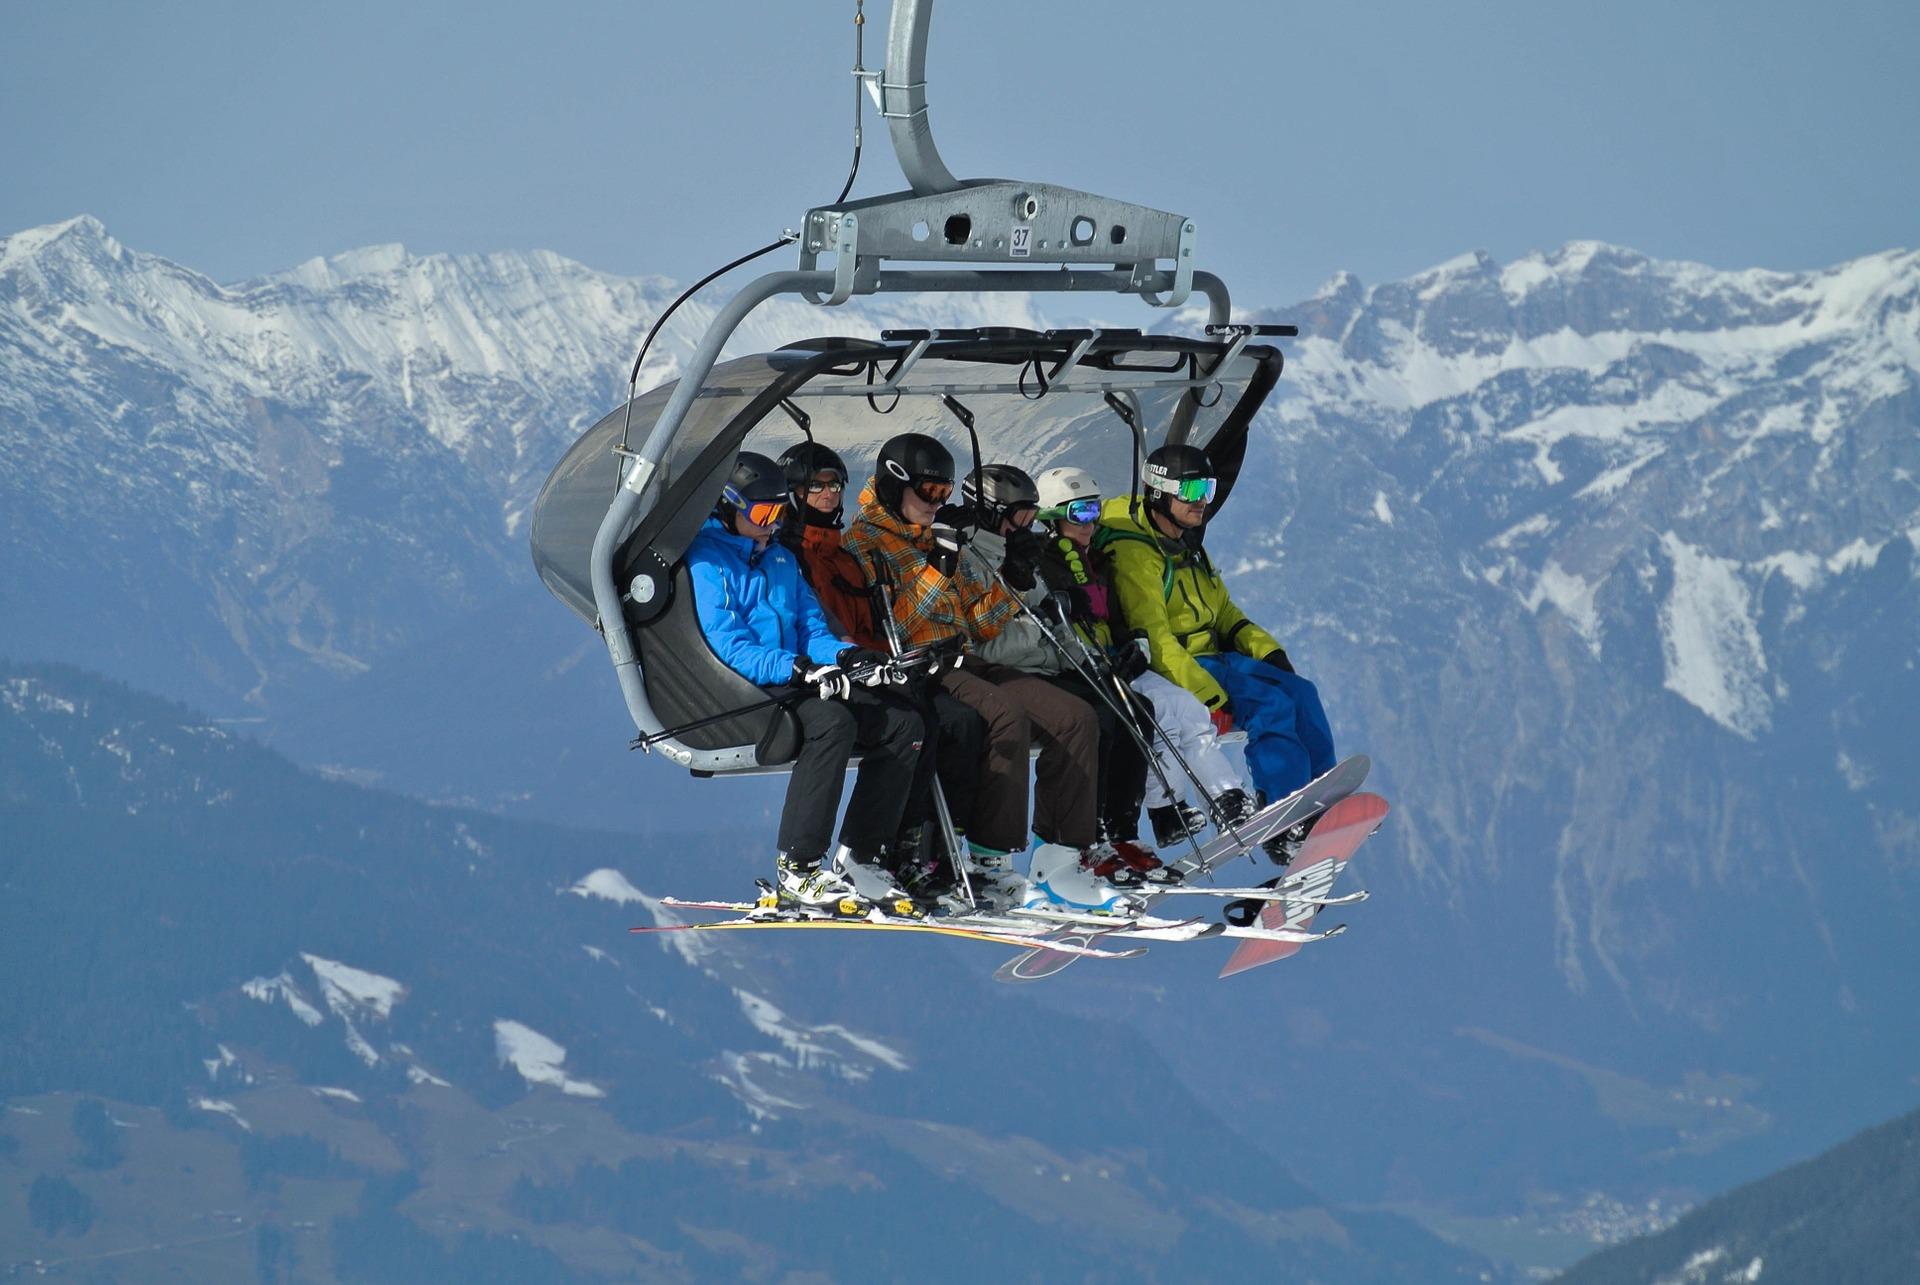 Ski lift guide